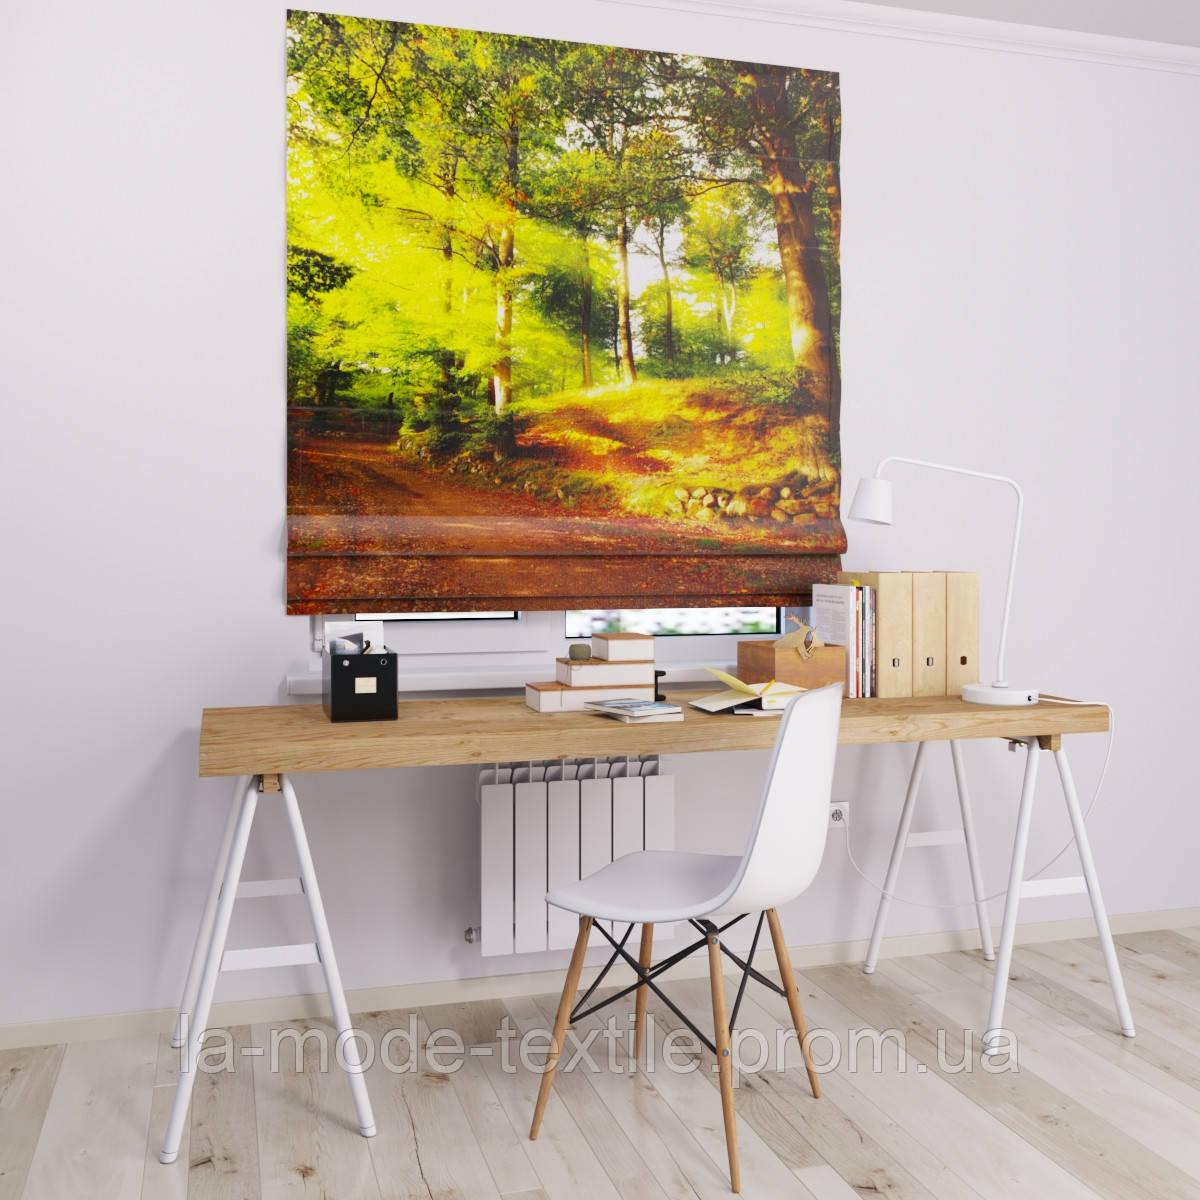 Римская штора с фотопечатью Сосновый лес